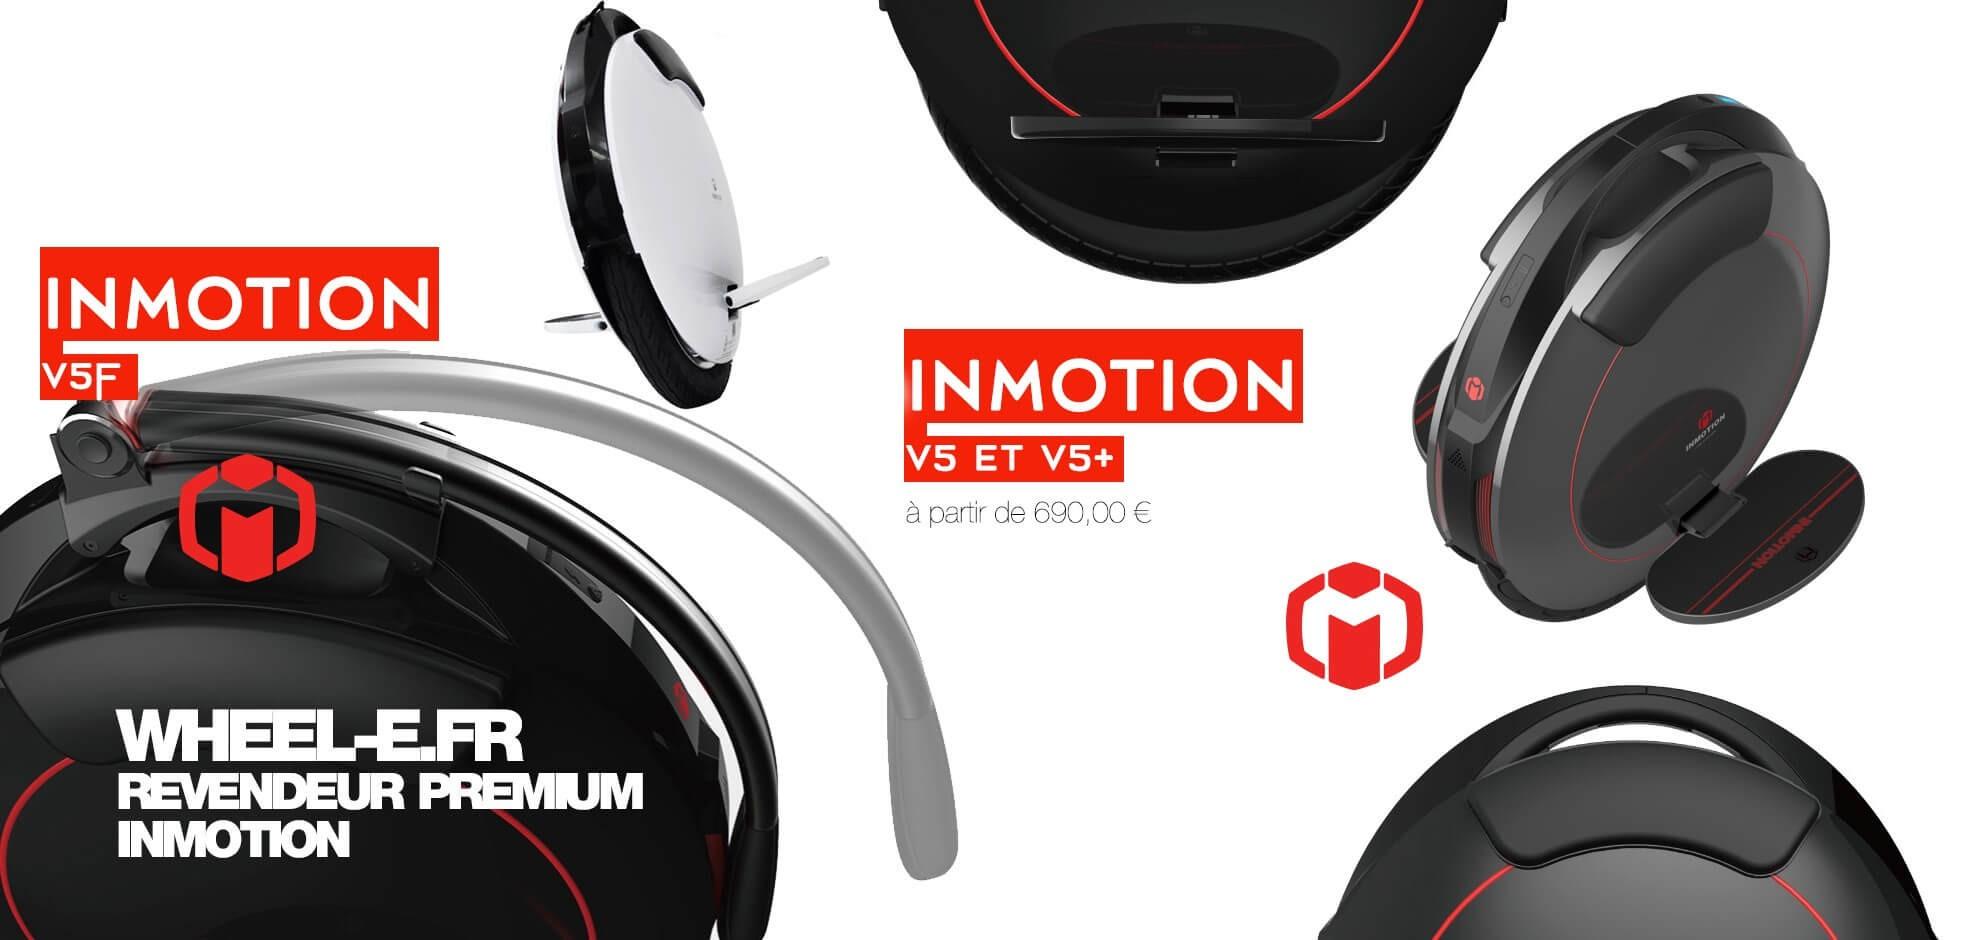 Wheel-e.fr revendeur Premium InMotion